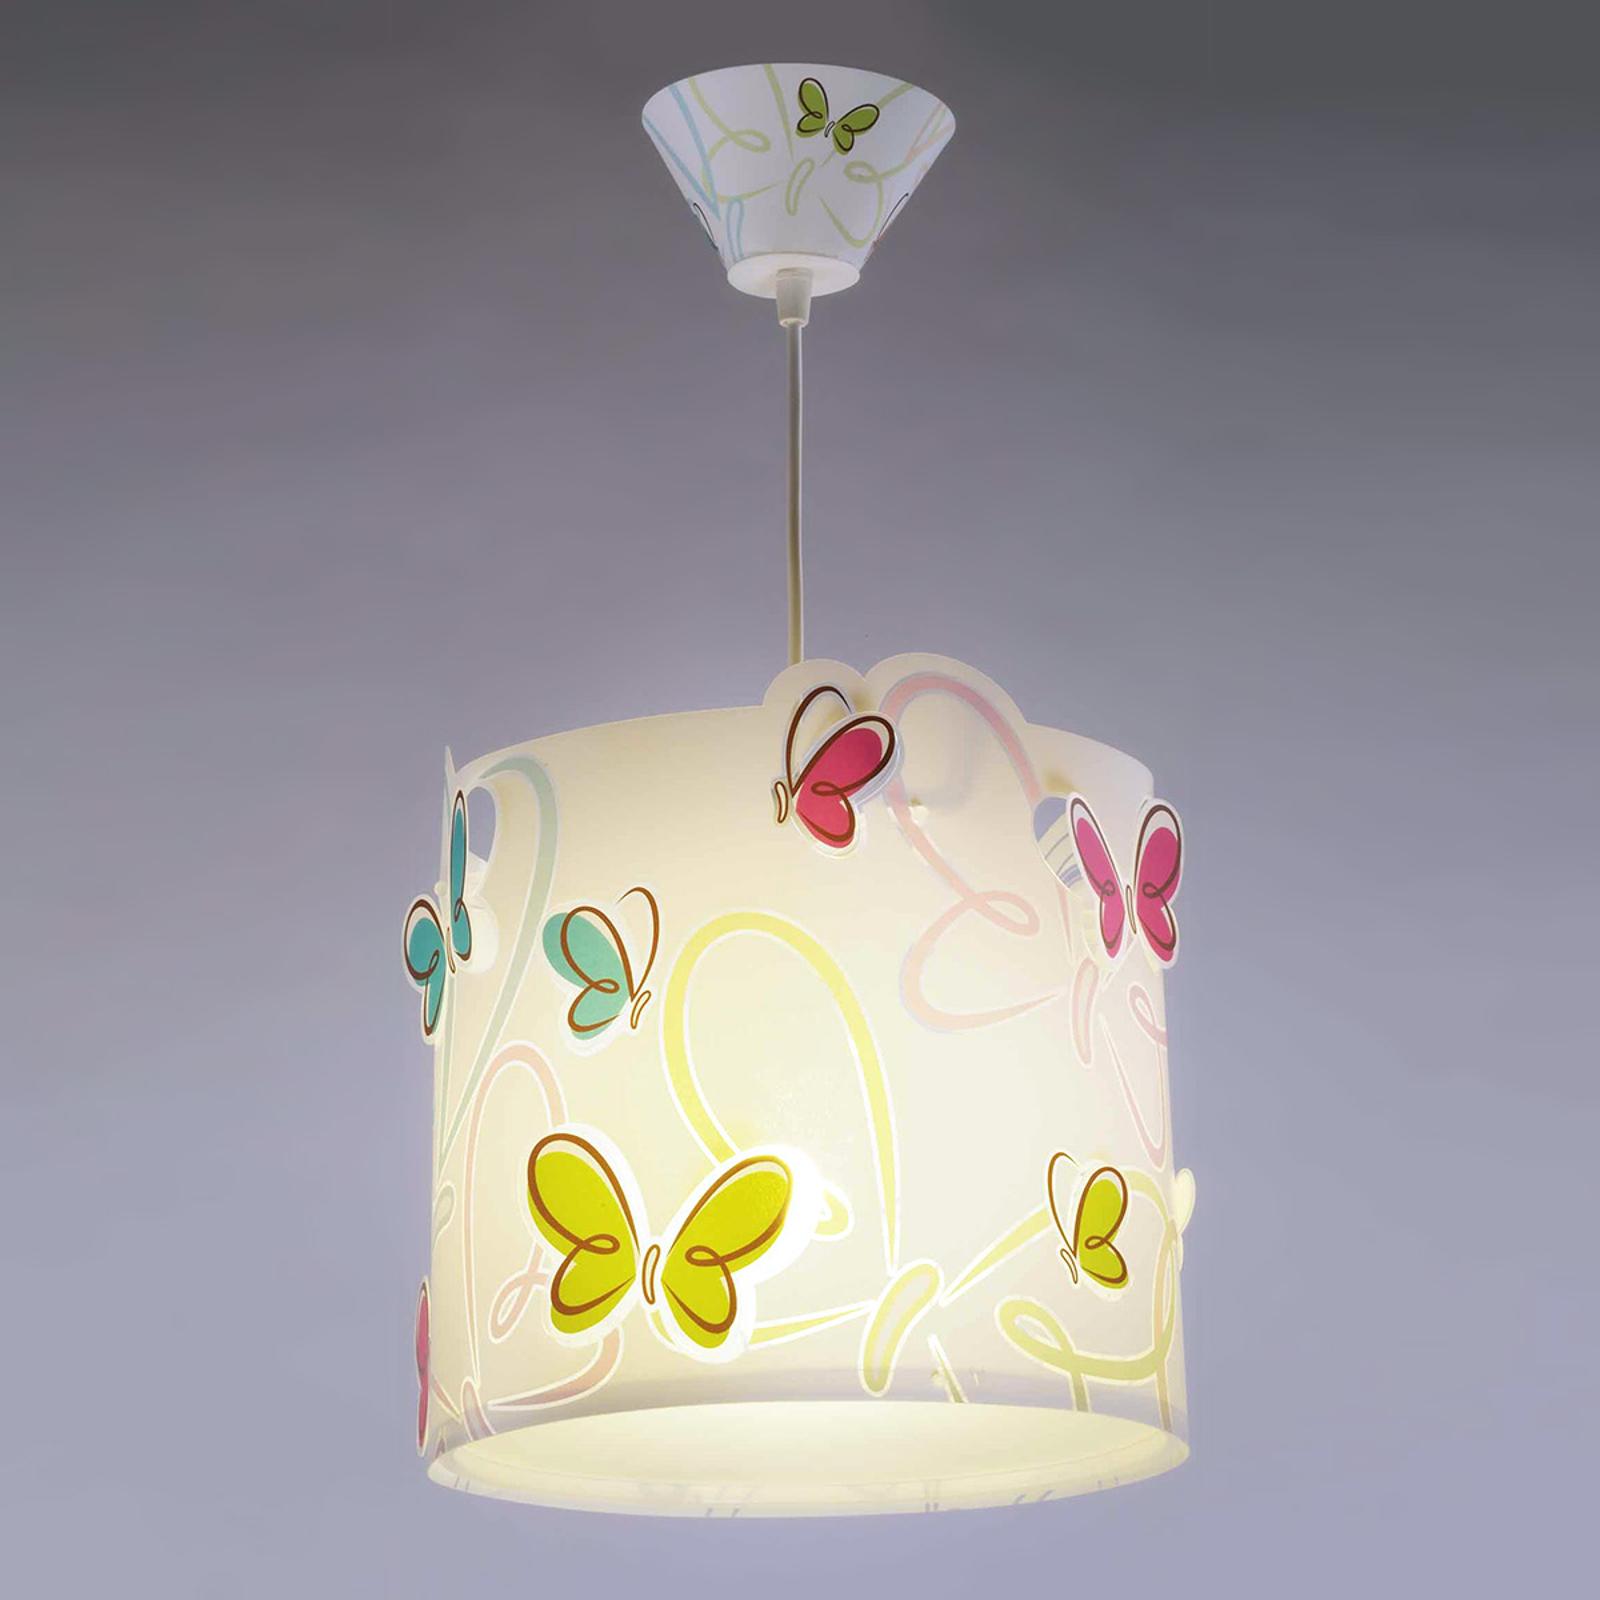 Forårsagtig pendellampe Butterfly